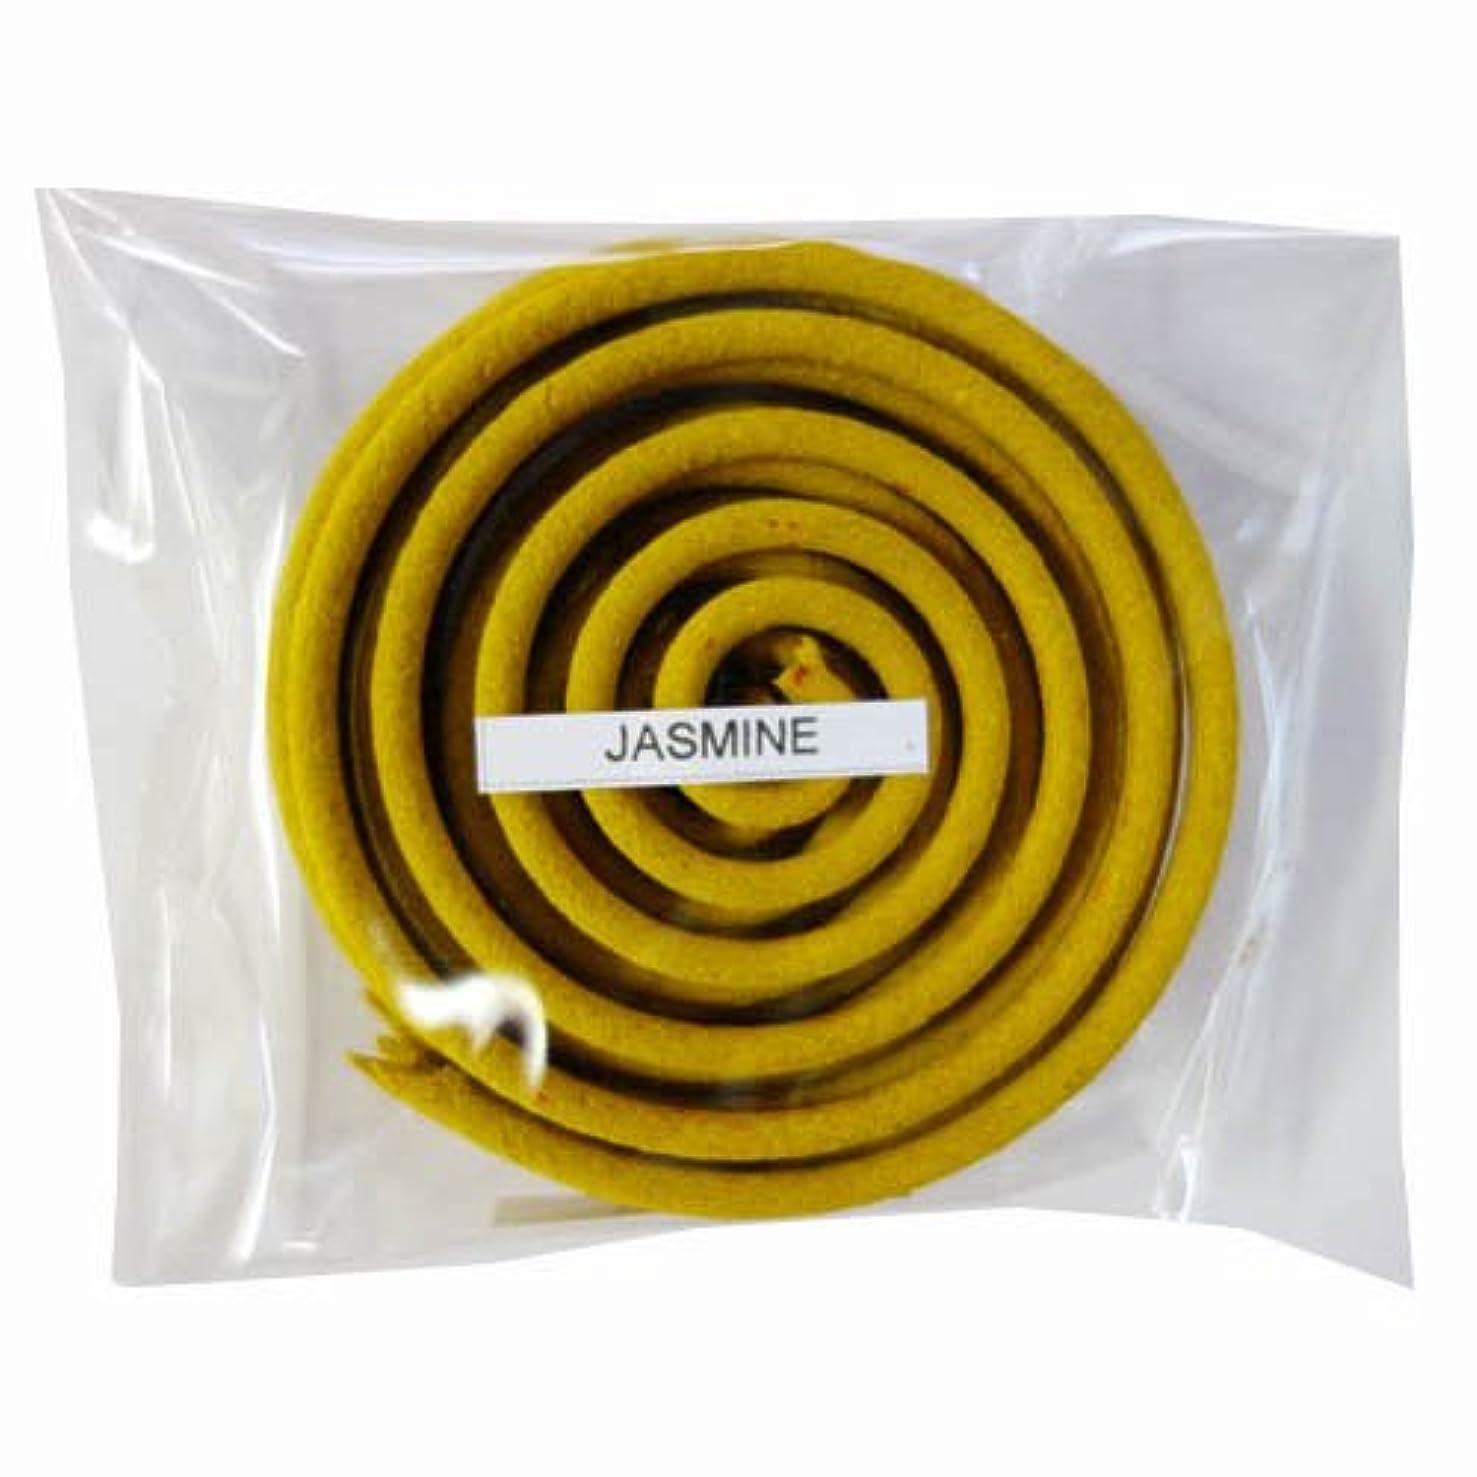 セラフ臨検記録お香/うずまき香 JASMINE ジャスミン 直径6.5cm×5巻セット [並行輸入品]